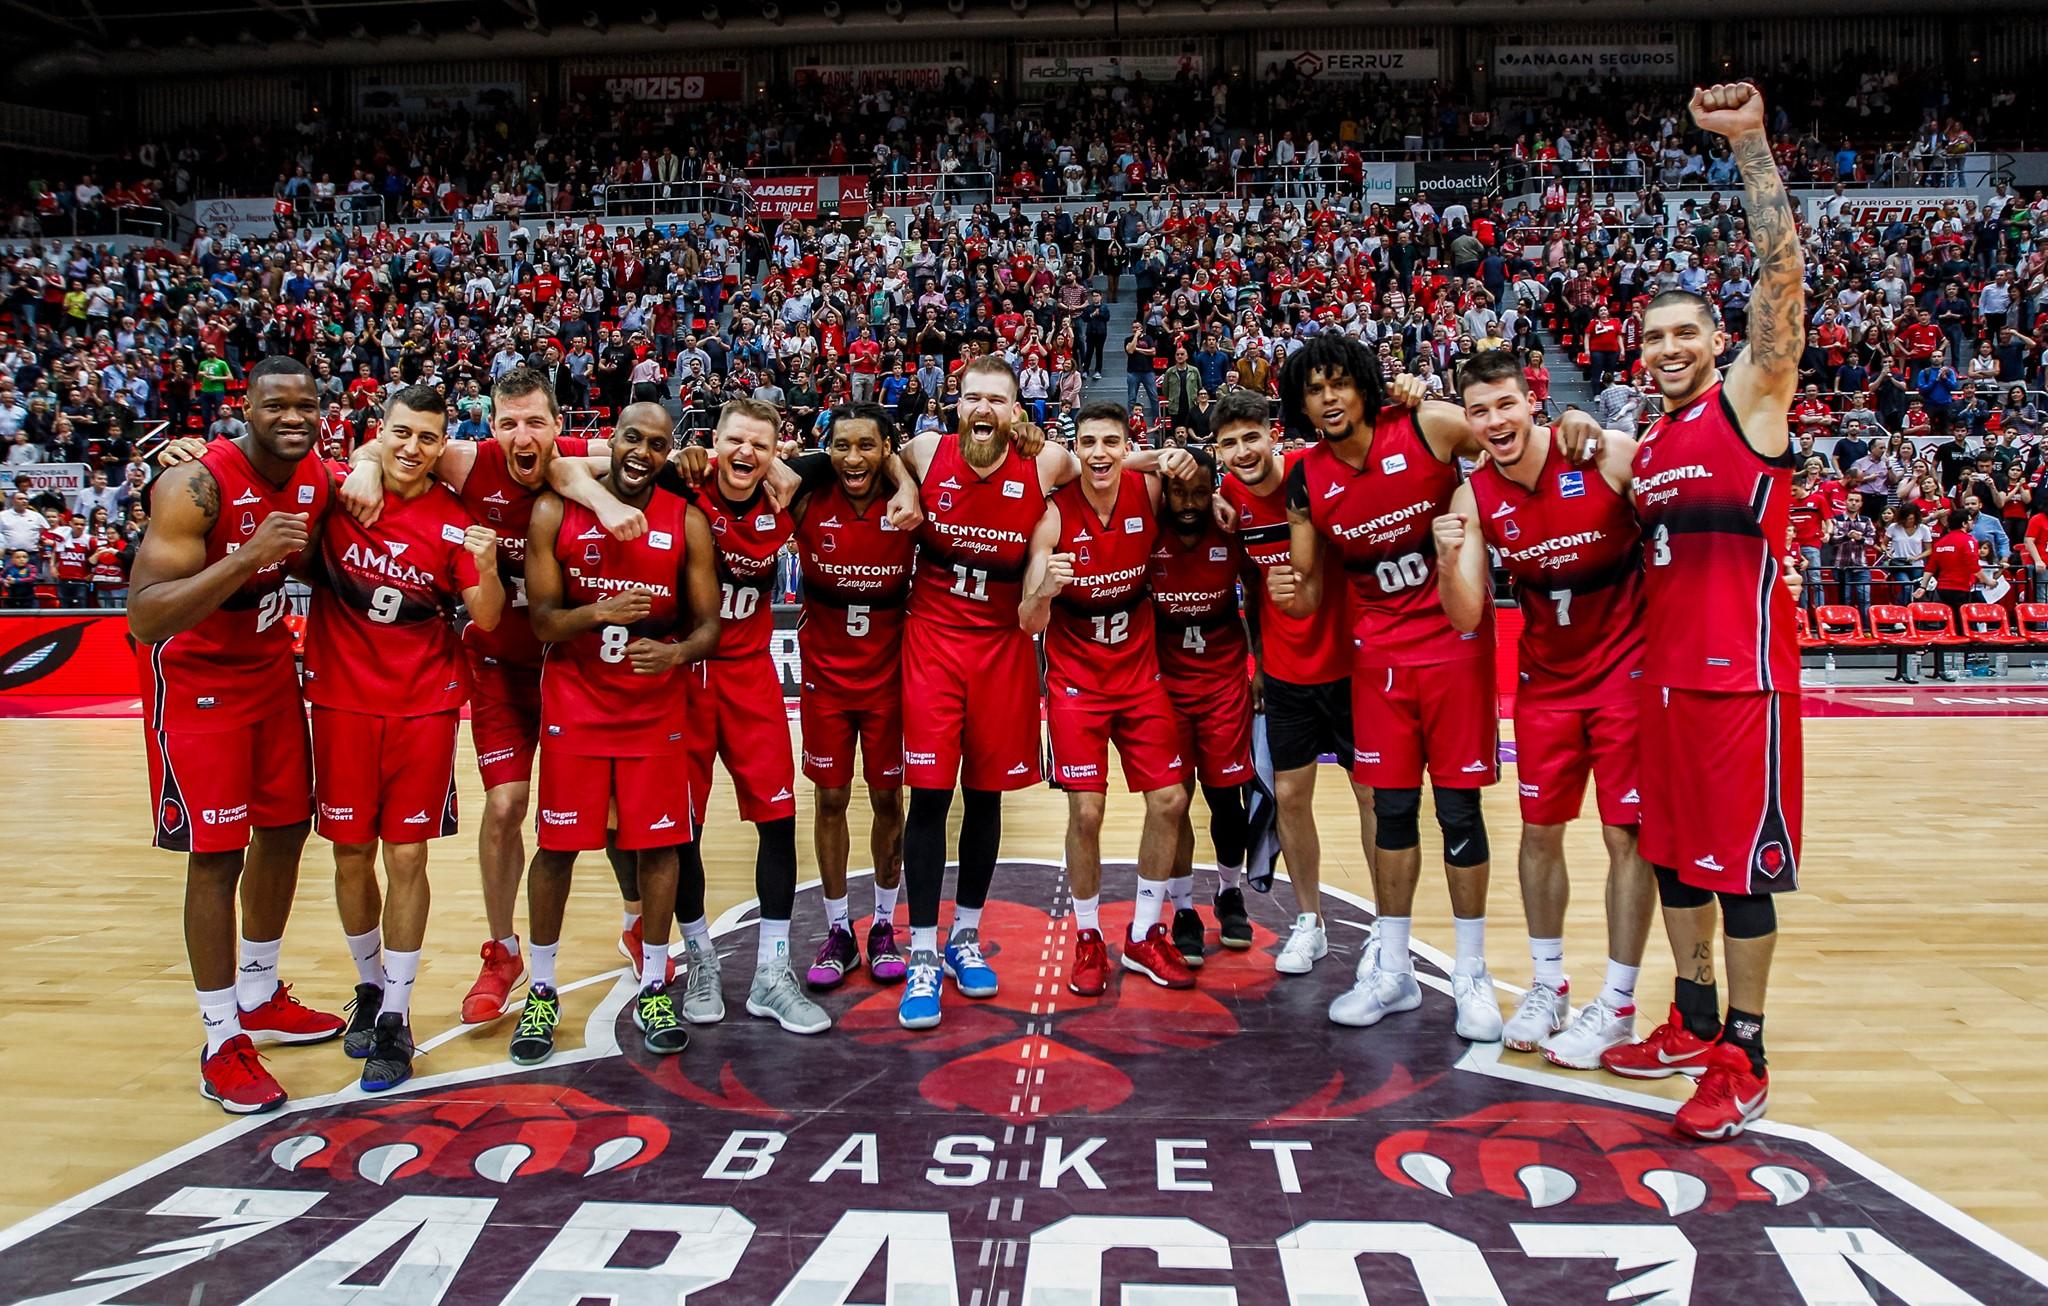 Arabet regala entradas para ver el partido de 'play off' del Basket Zaragoza contra el Baskonia